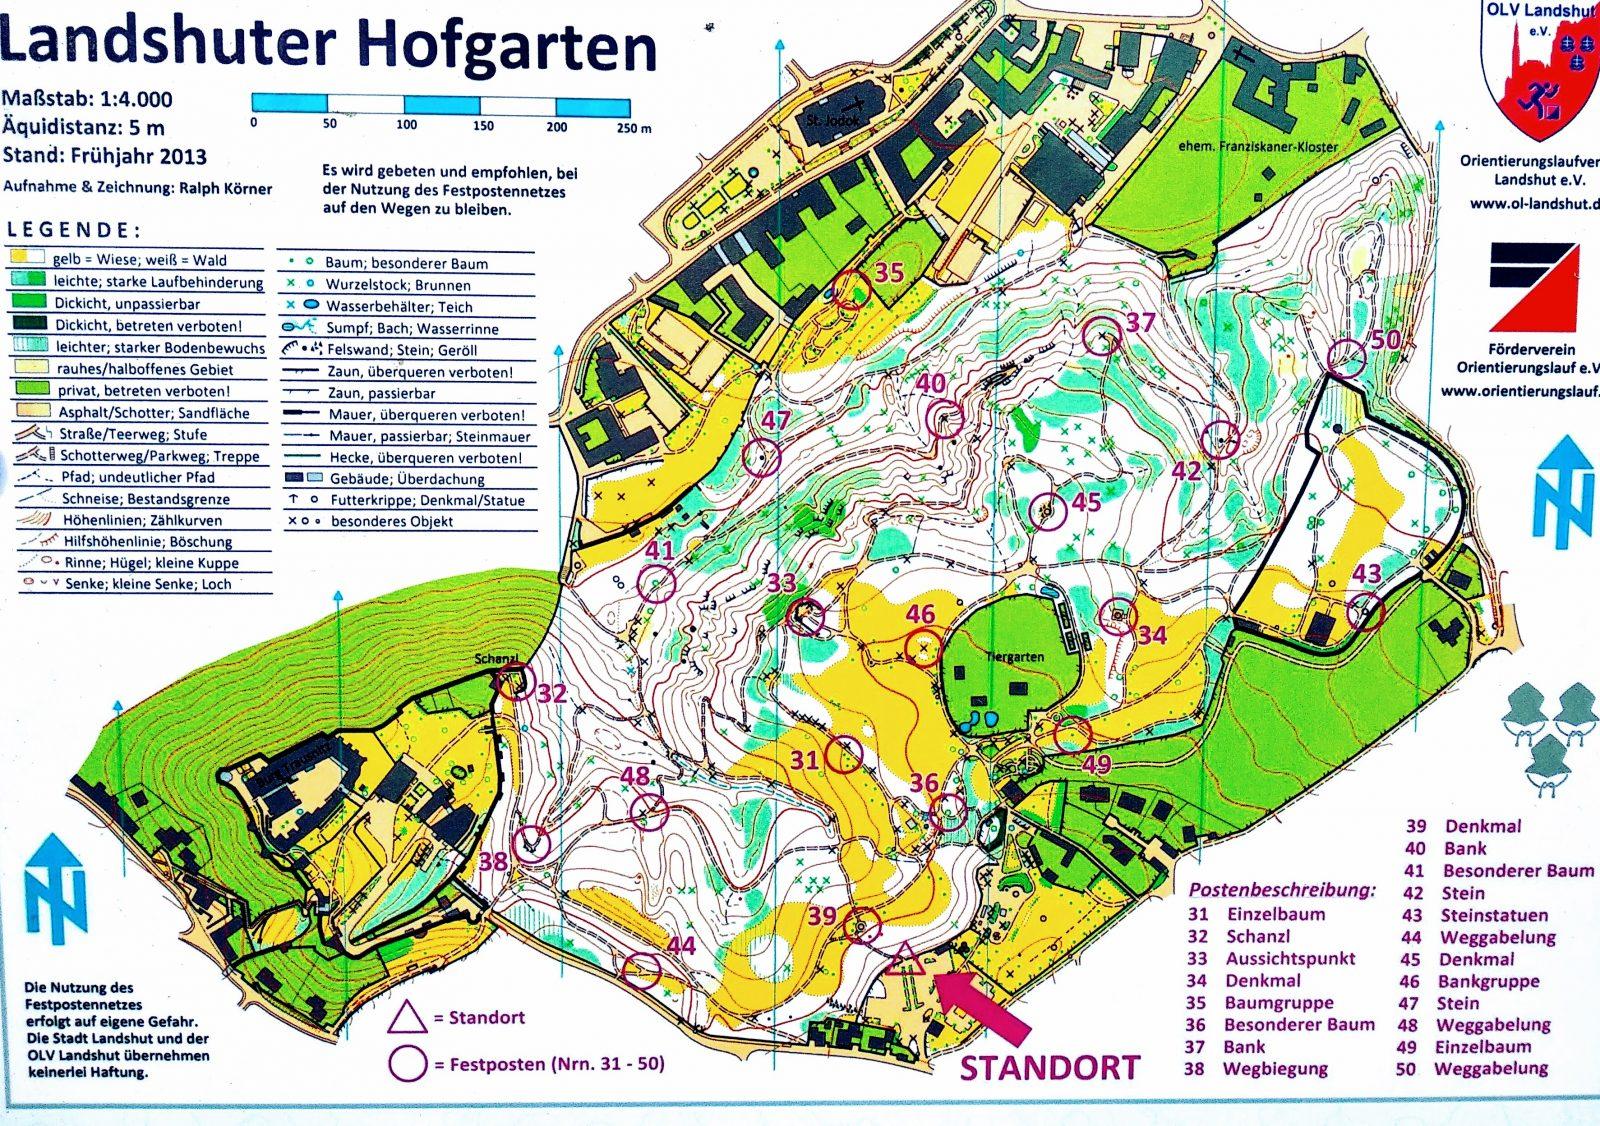 Eine Karte vom Landshuter Hofgarten.